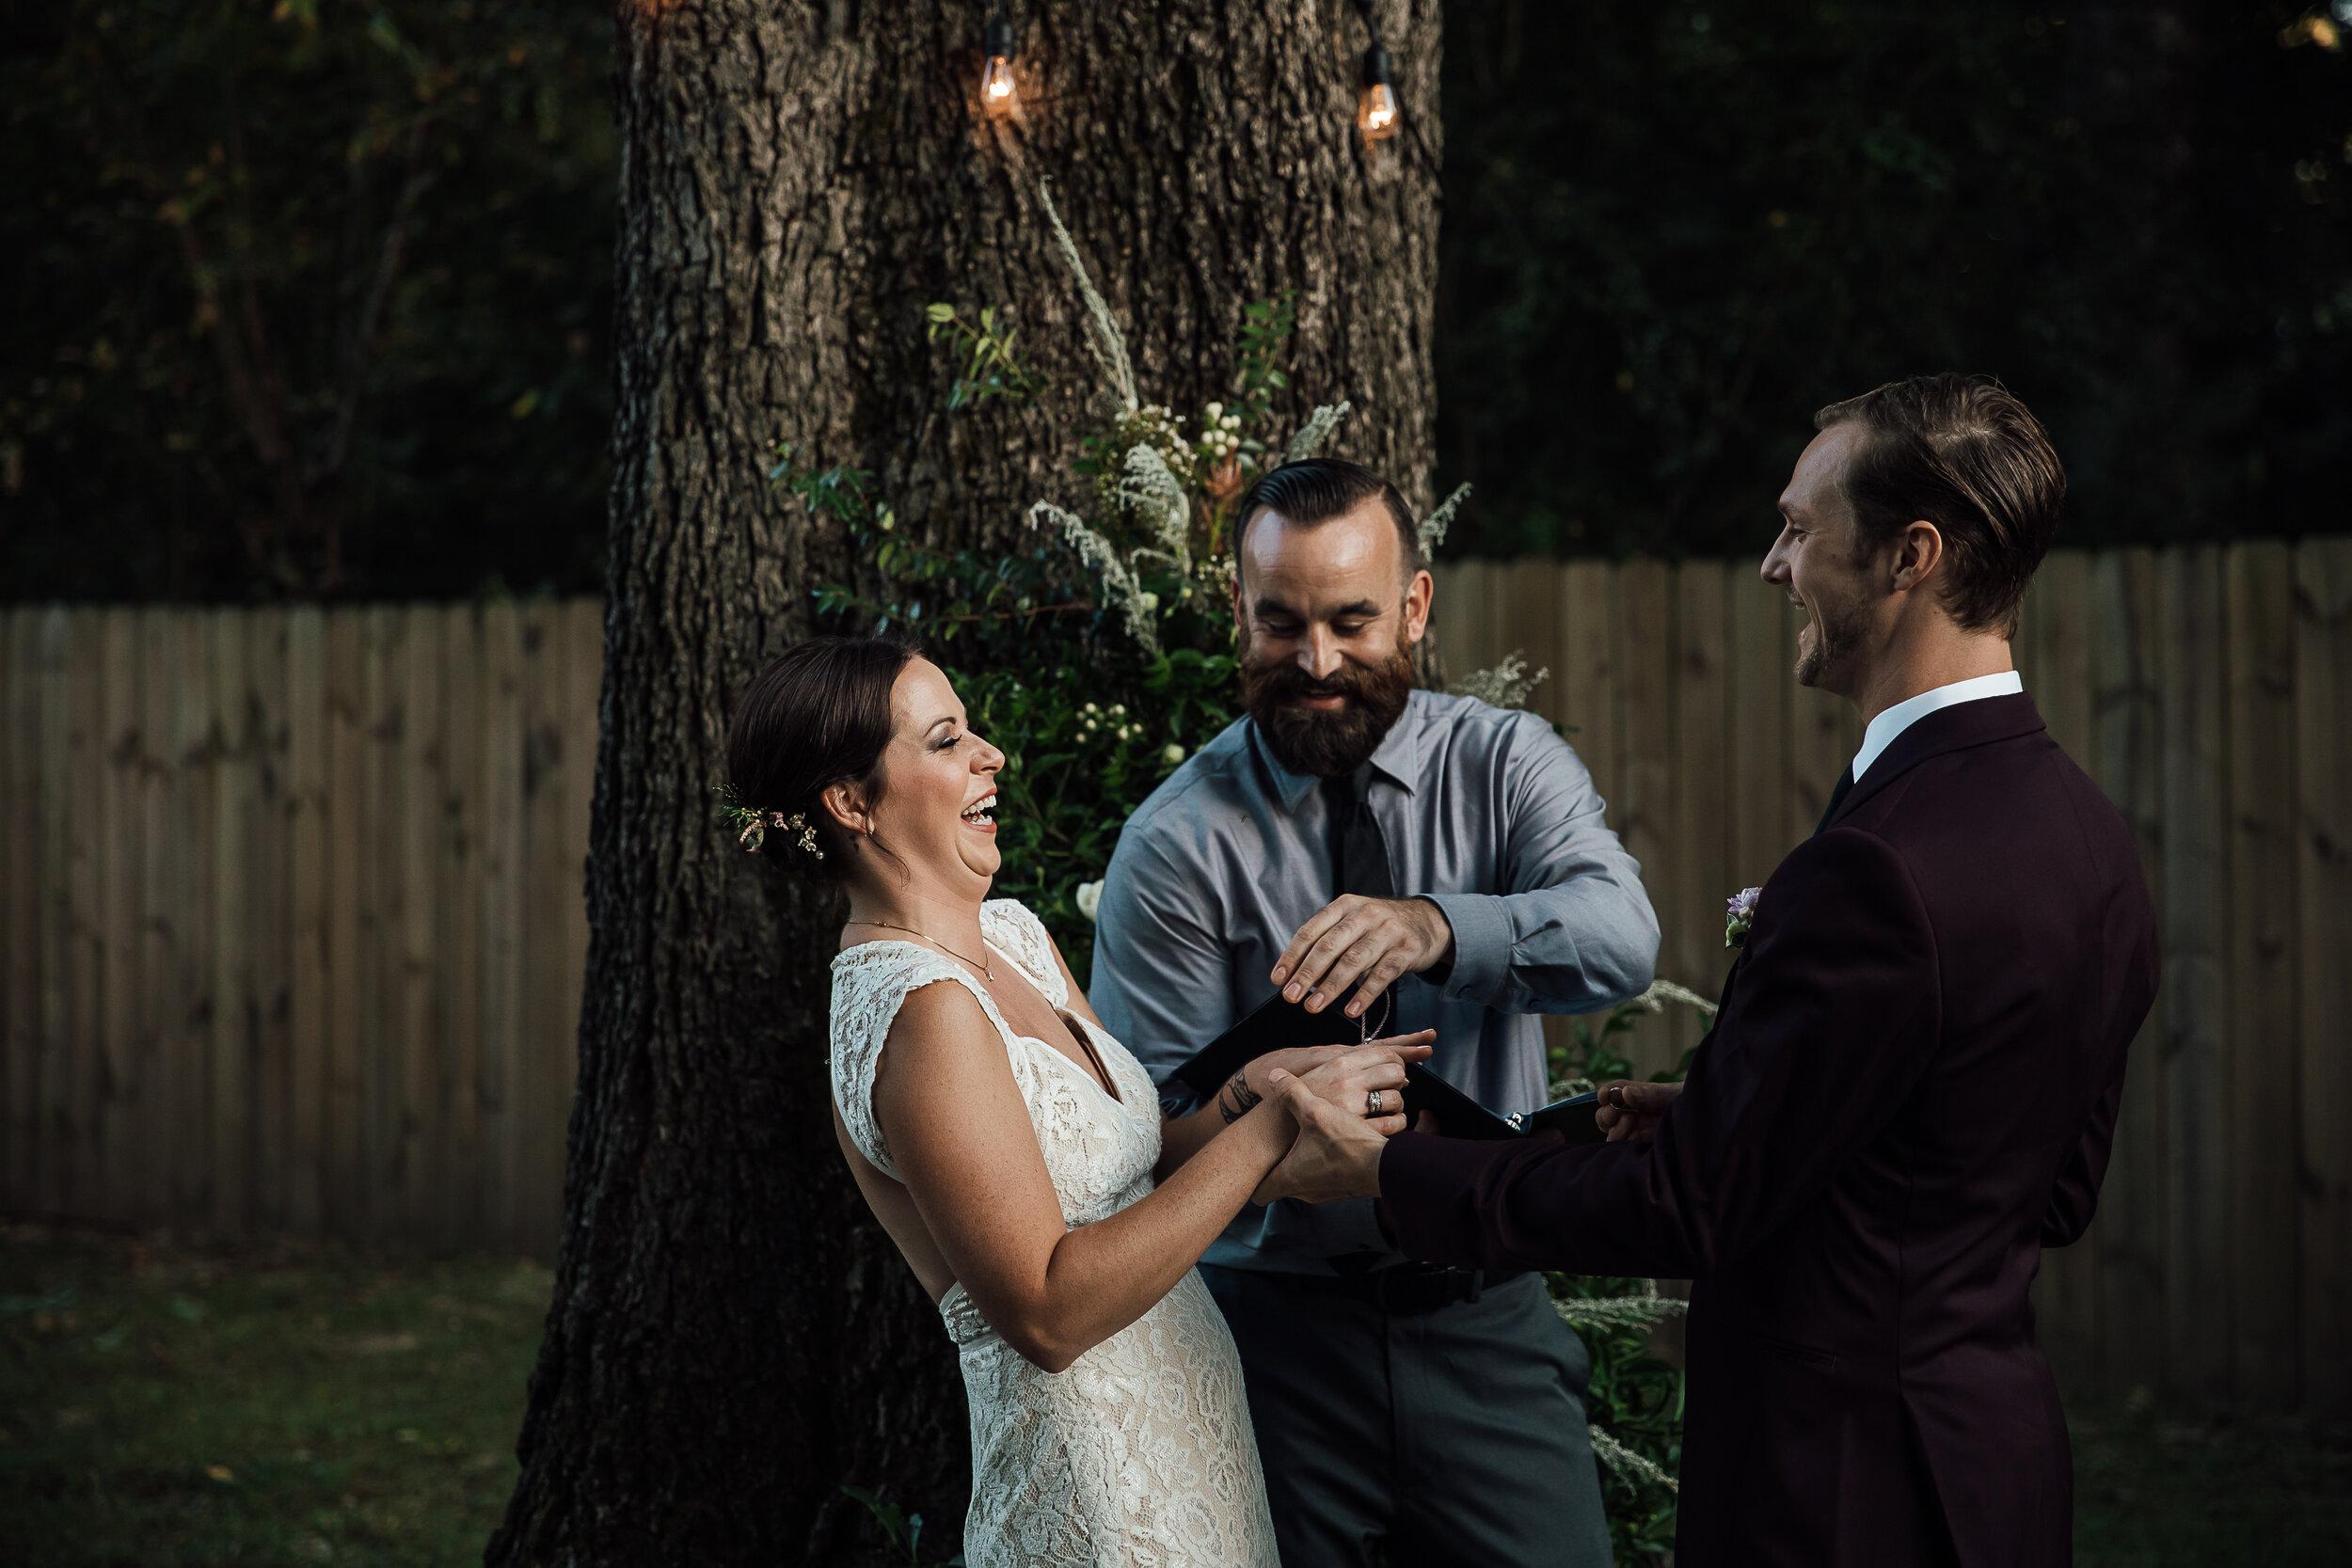 Allison-and-Wesley-Memphis-Backyard-Wedding-TheWarmthAroundYou-163.jpg